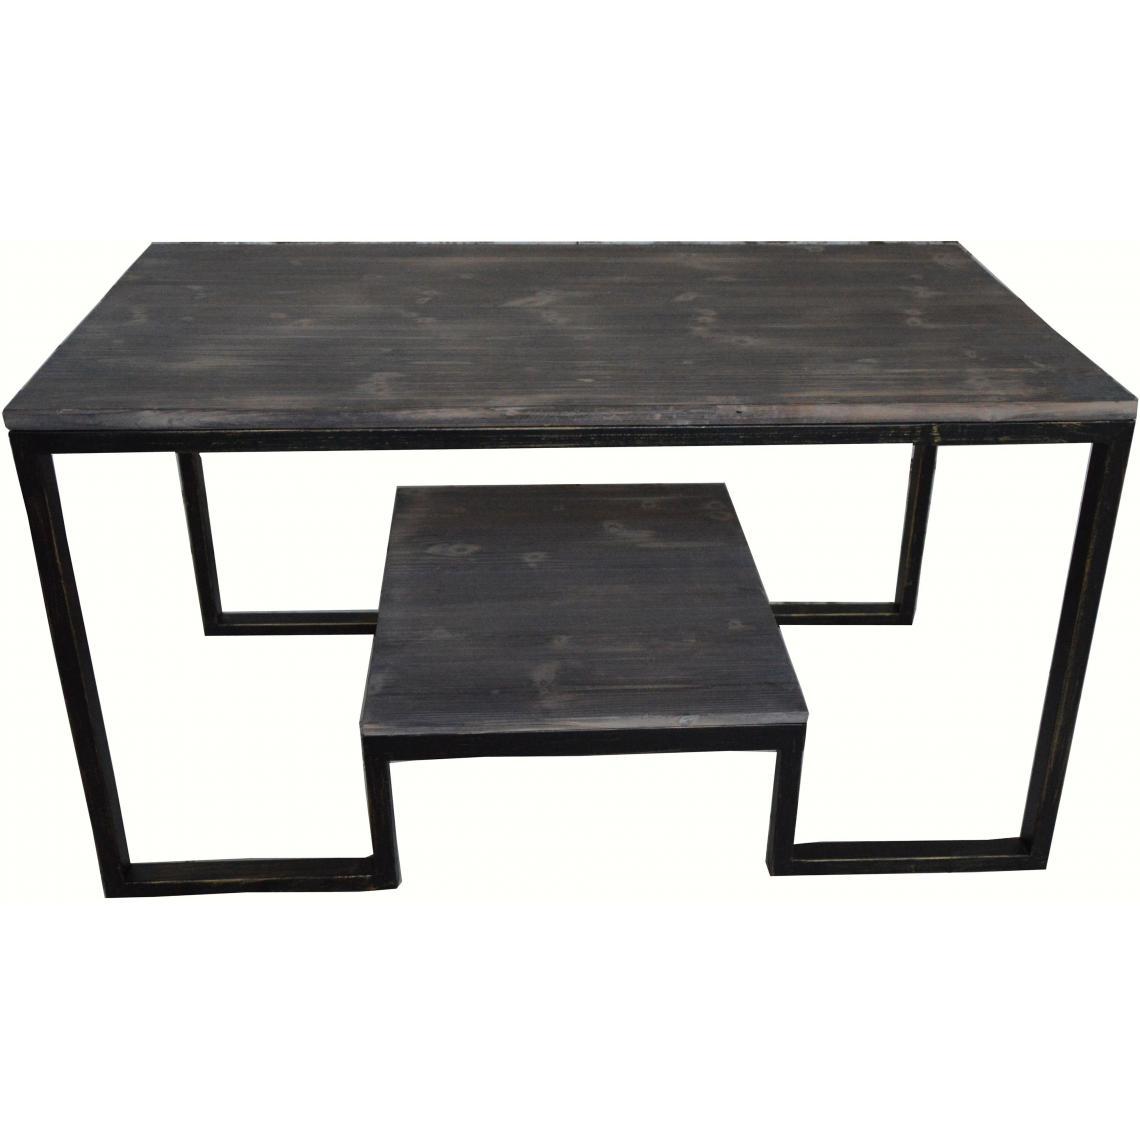 table basse double plateau en m tal et bois aryan 3 suisses. Black Bedroom Furniture Sets. Home Design Ideas